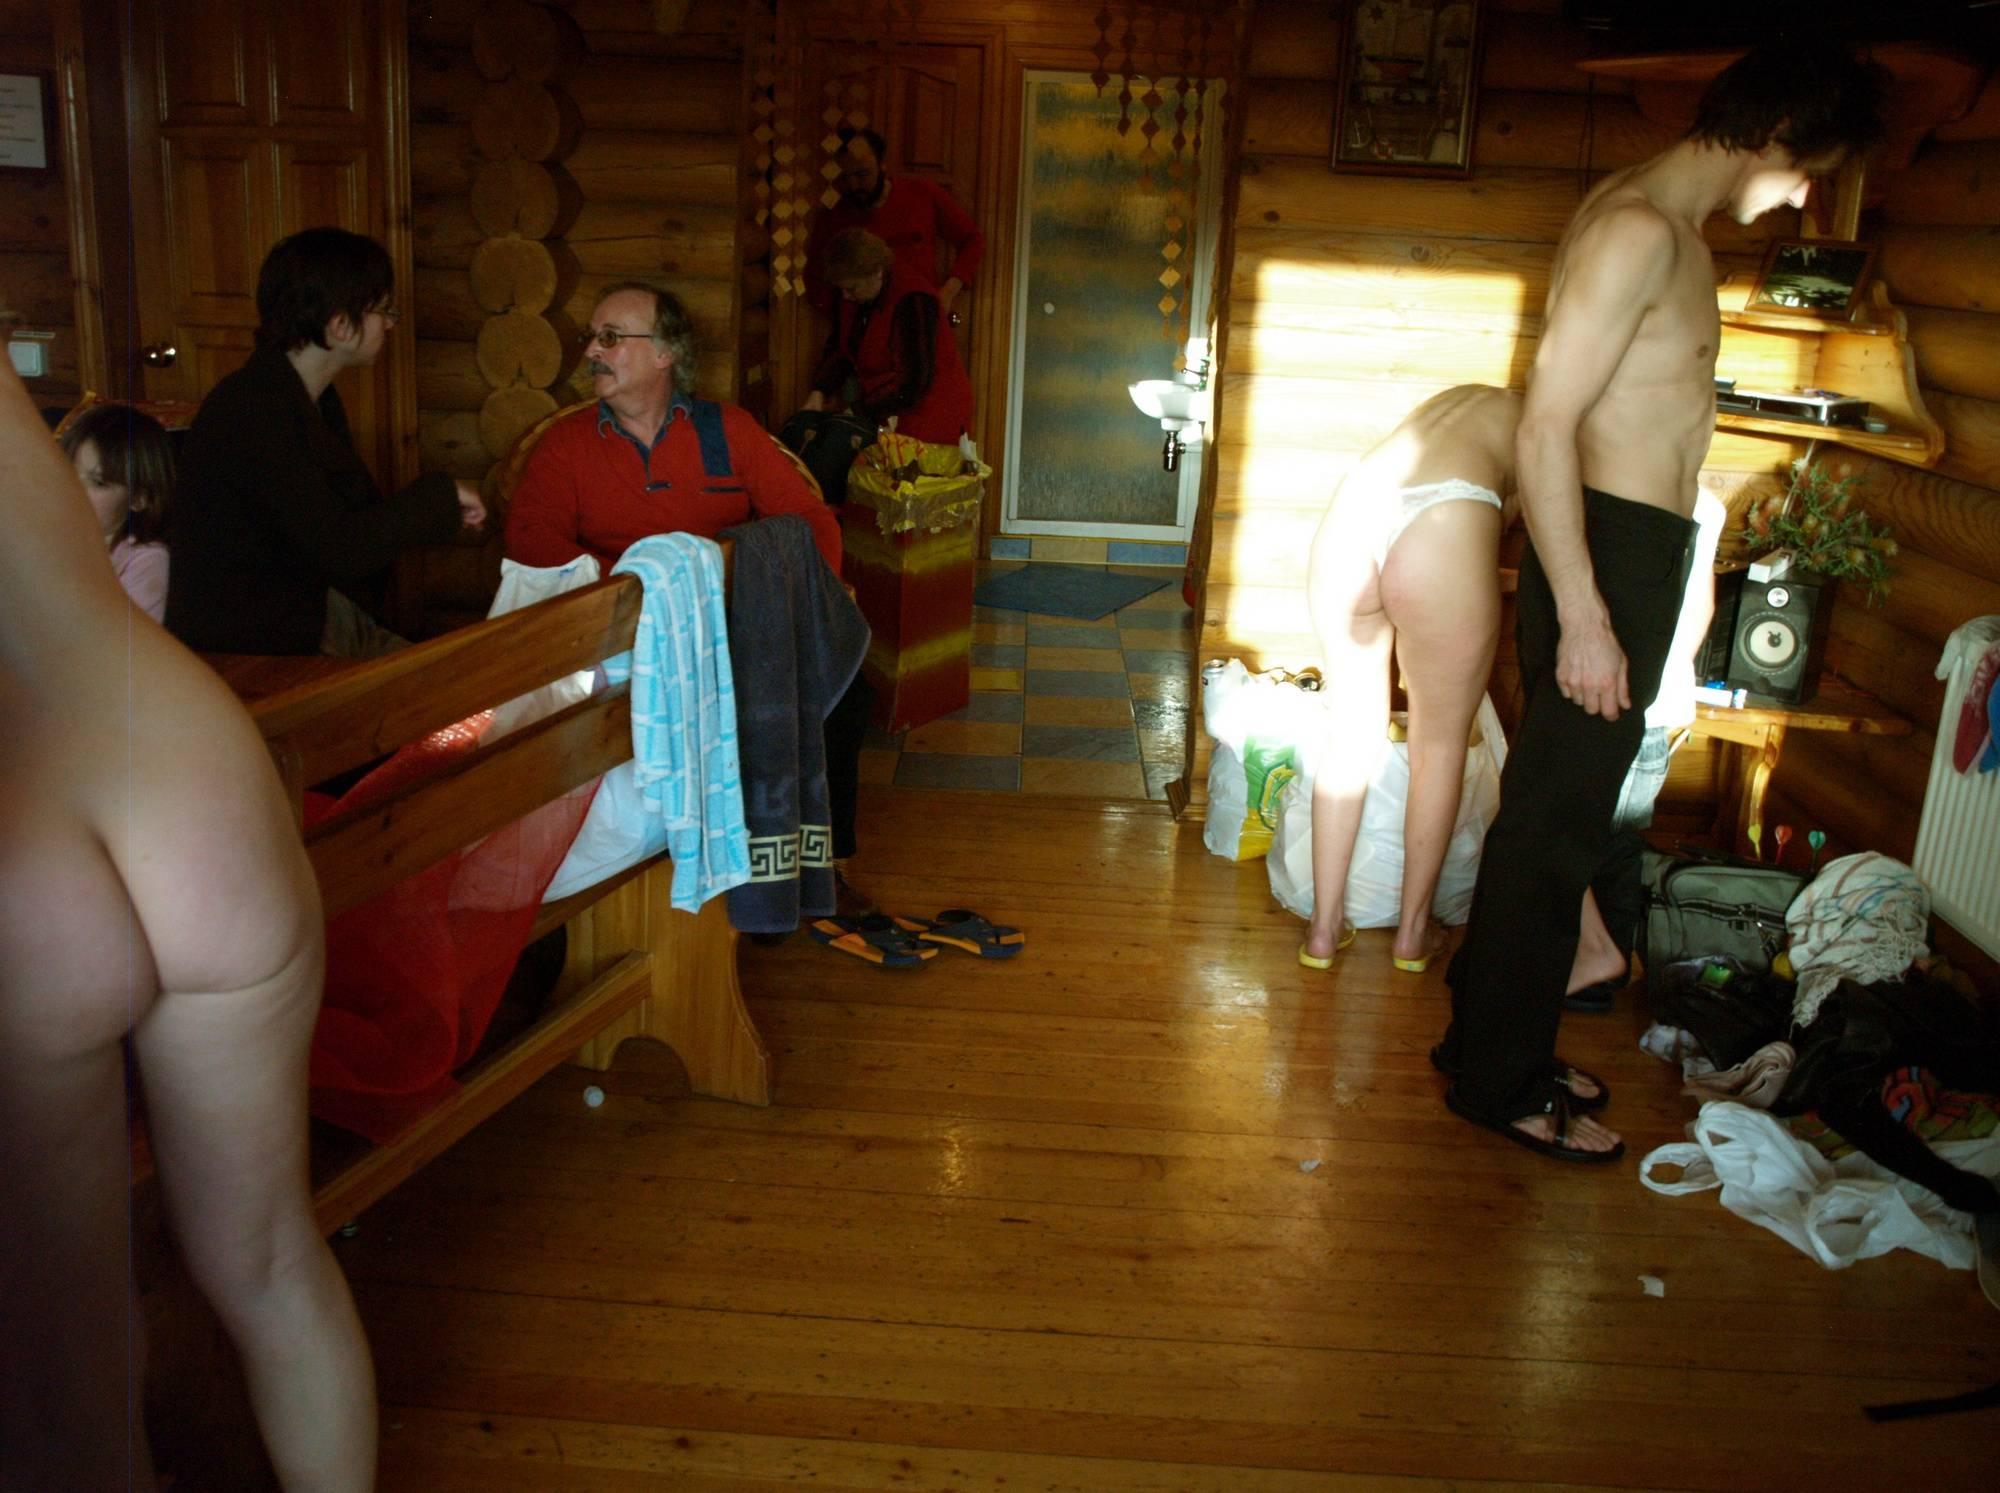 Around Nude Cabin Work - 1